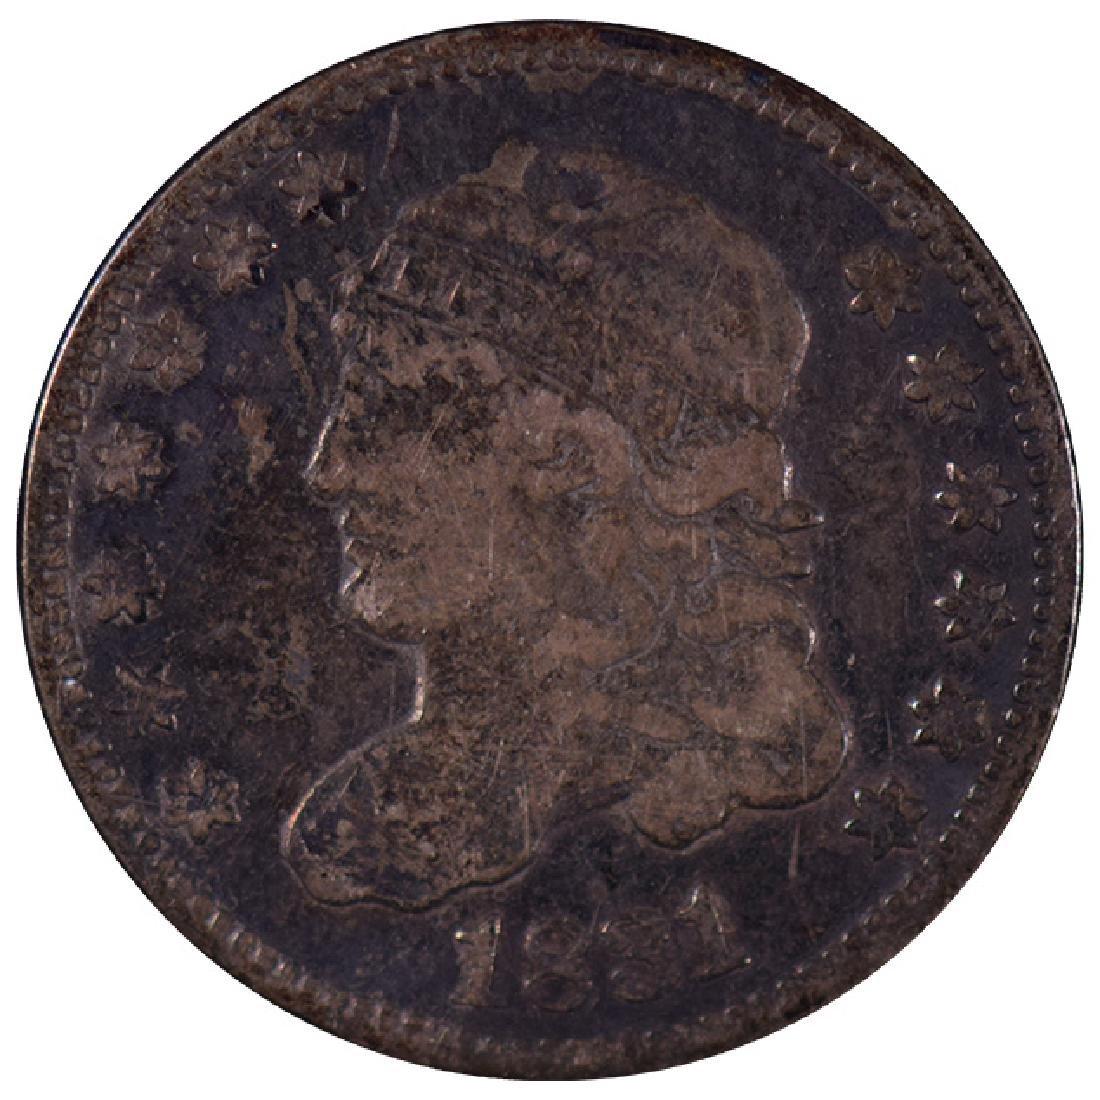 1831 Liberty Half Dime Coin